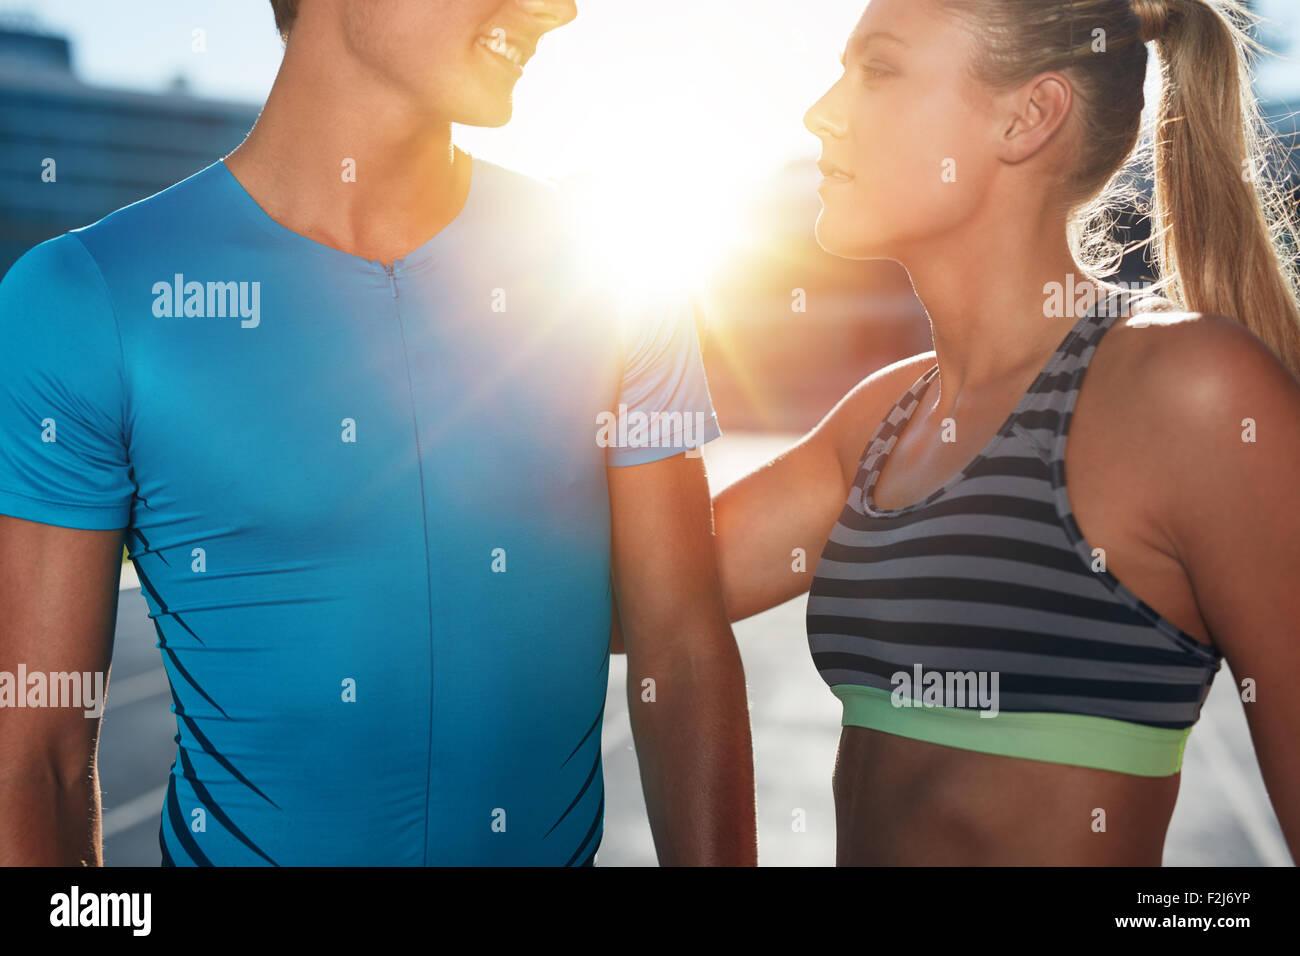 Libre tourné de deux jeunes athlètes debout sur la piste de course du stade sur une journée ensoleillée. Photo Stock